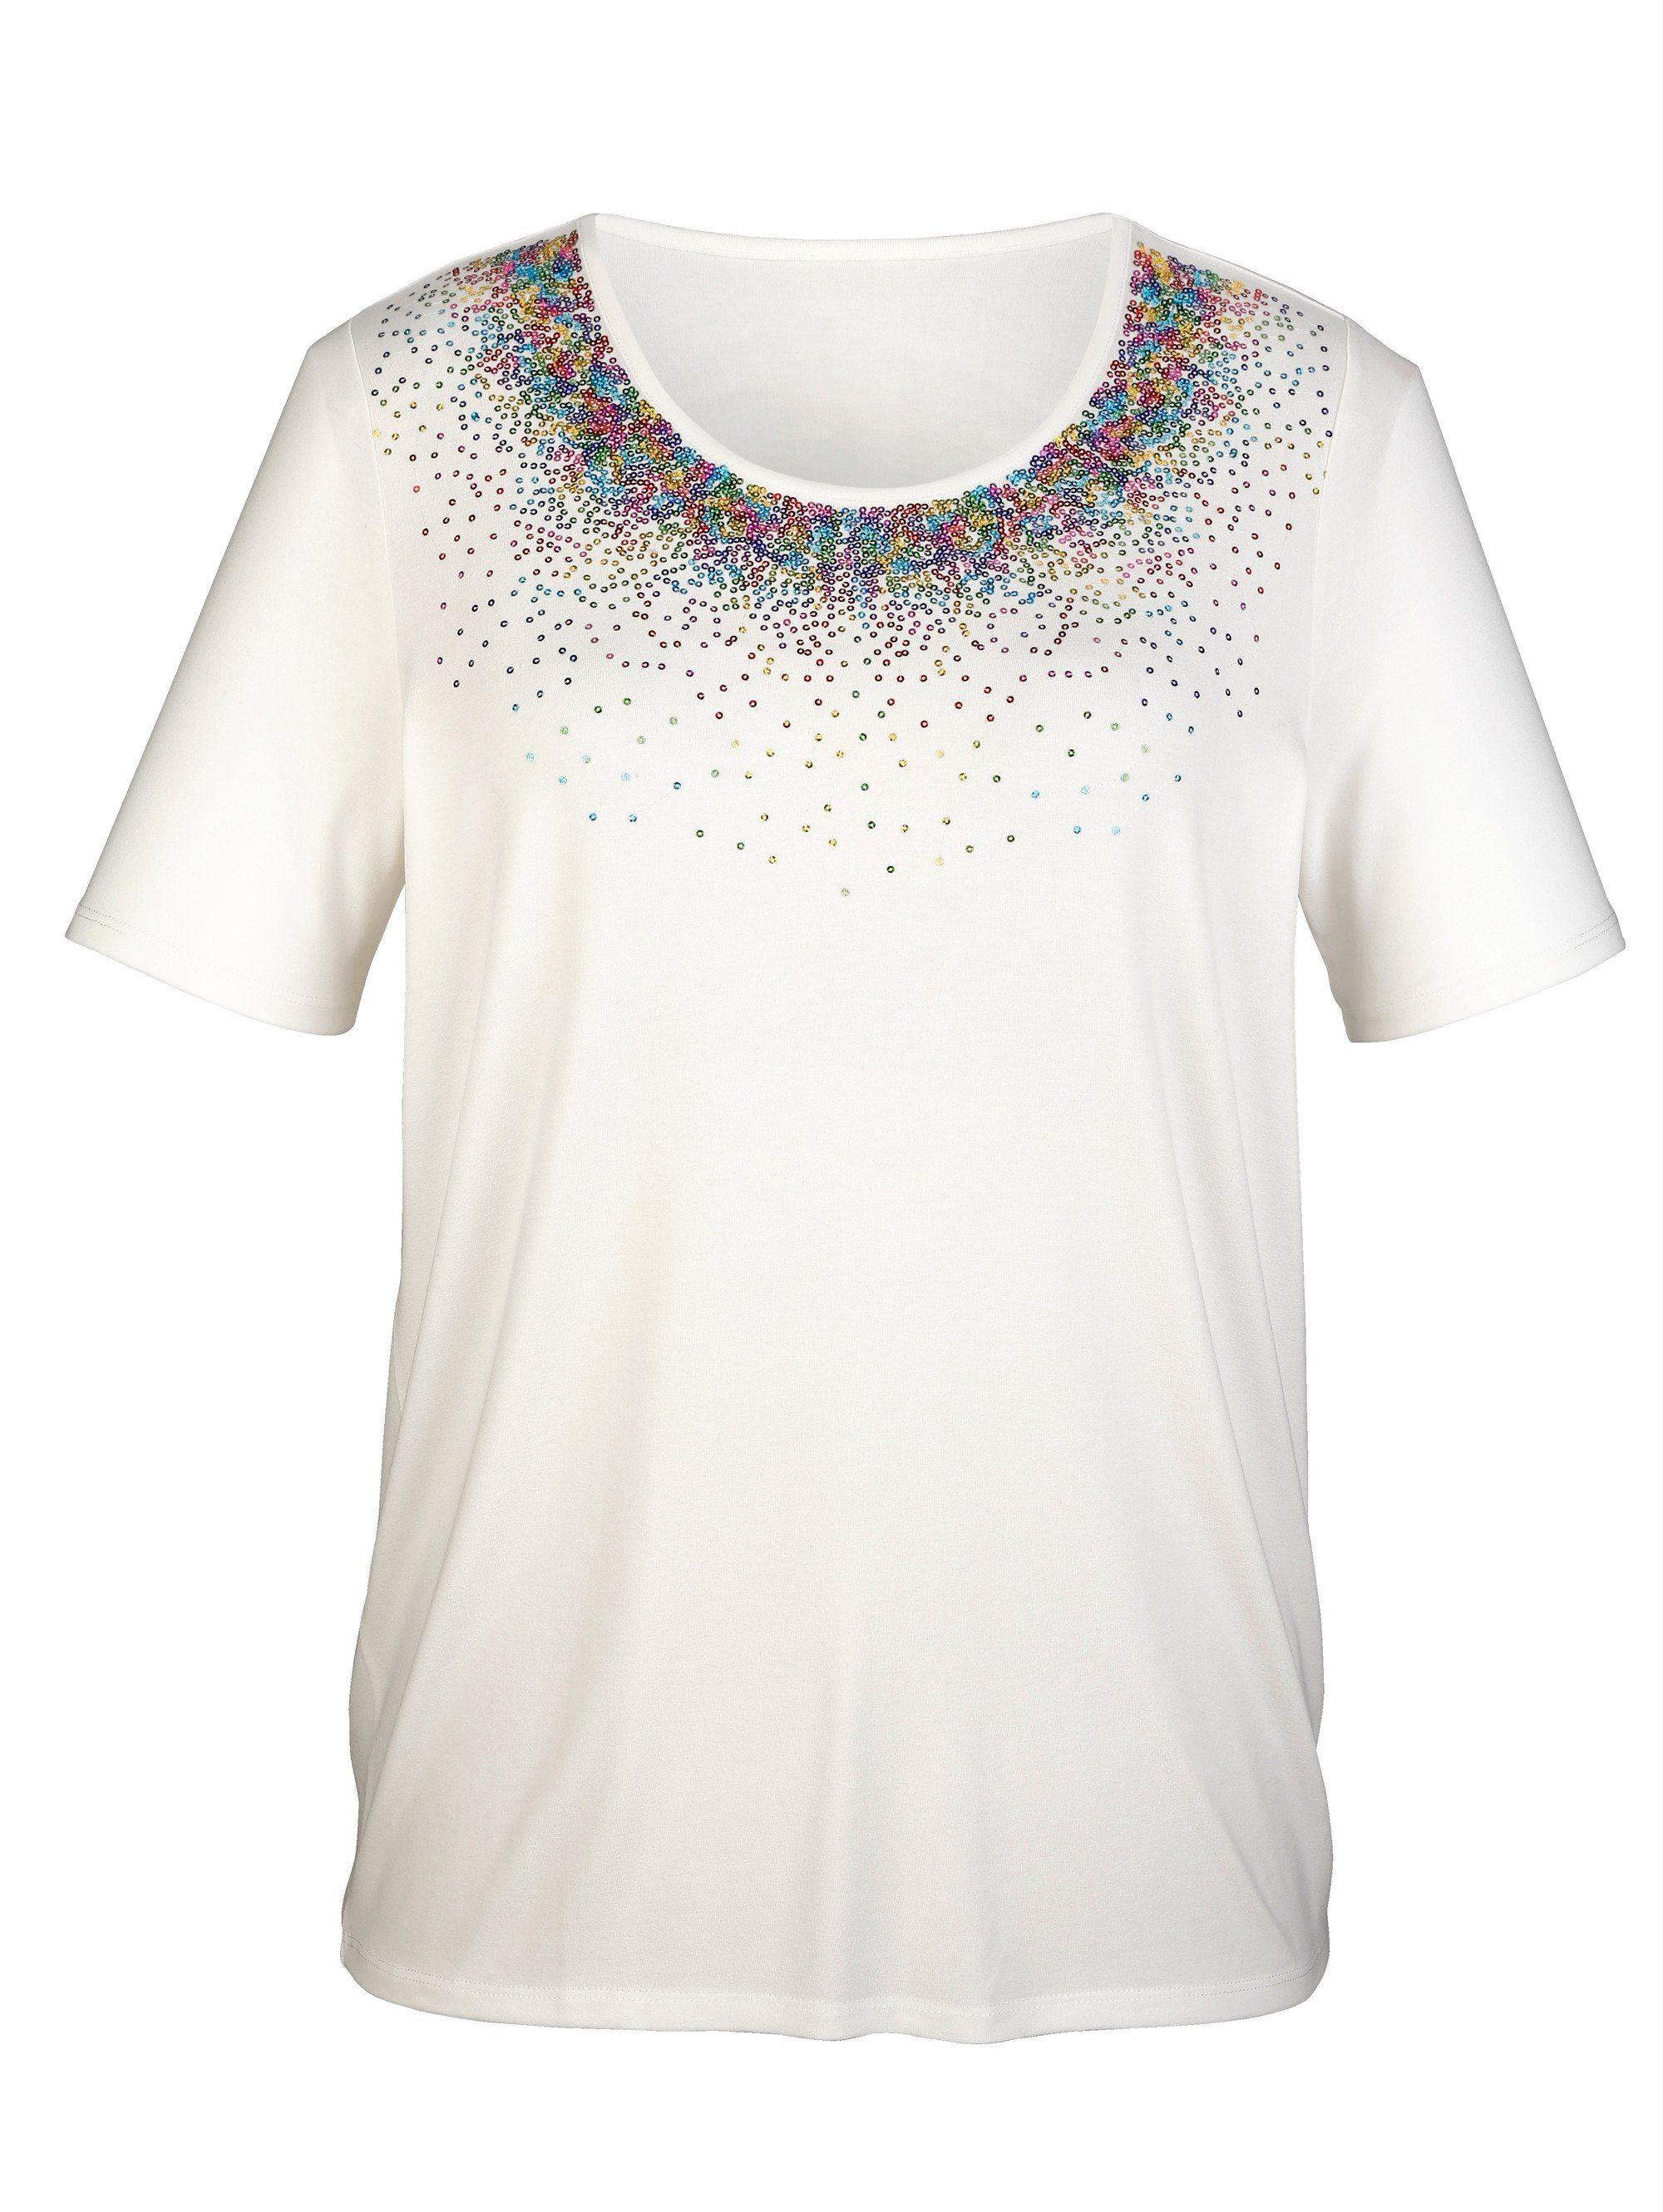 m. collection - m collection Shirt mit Pailletten